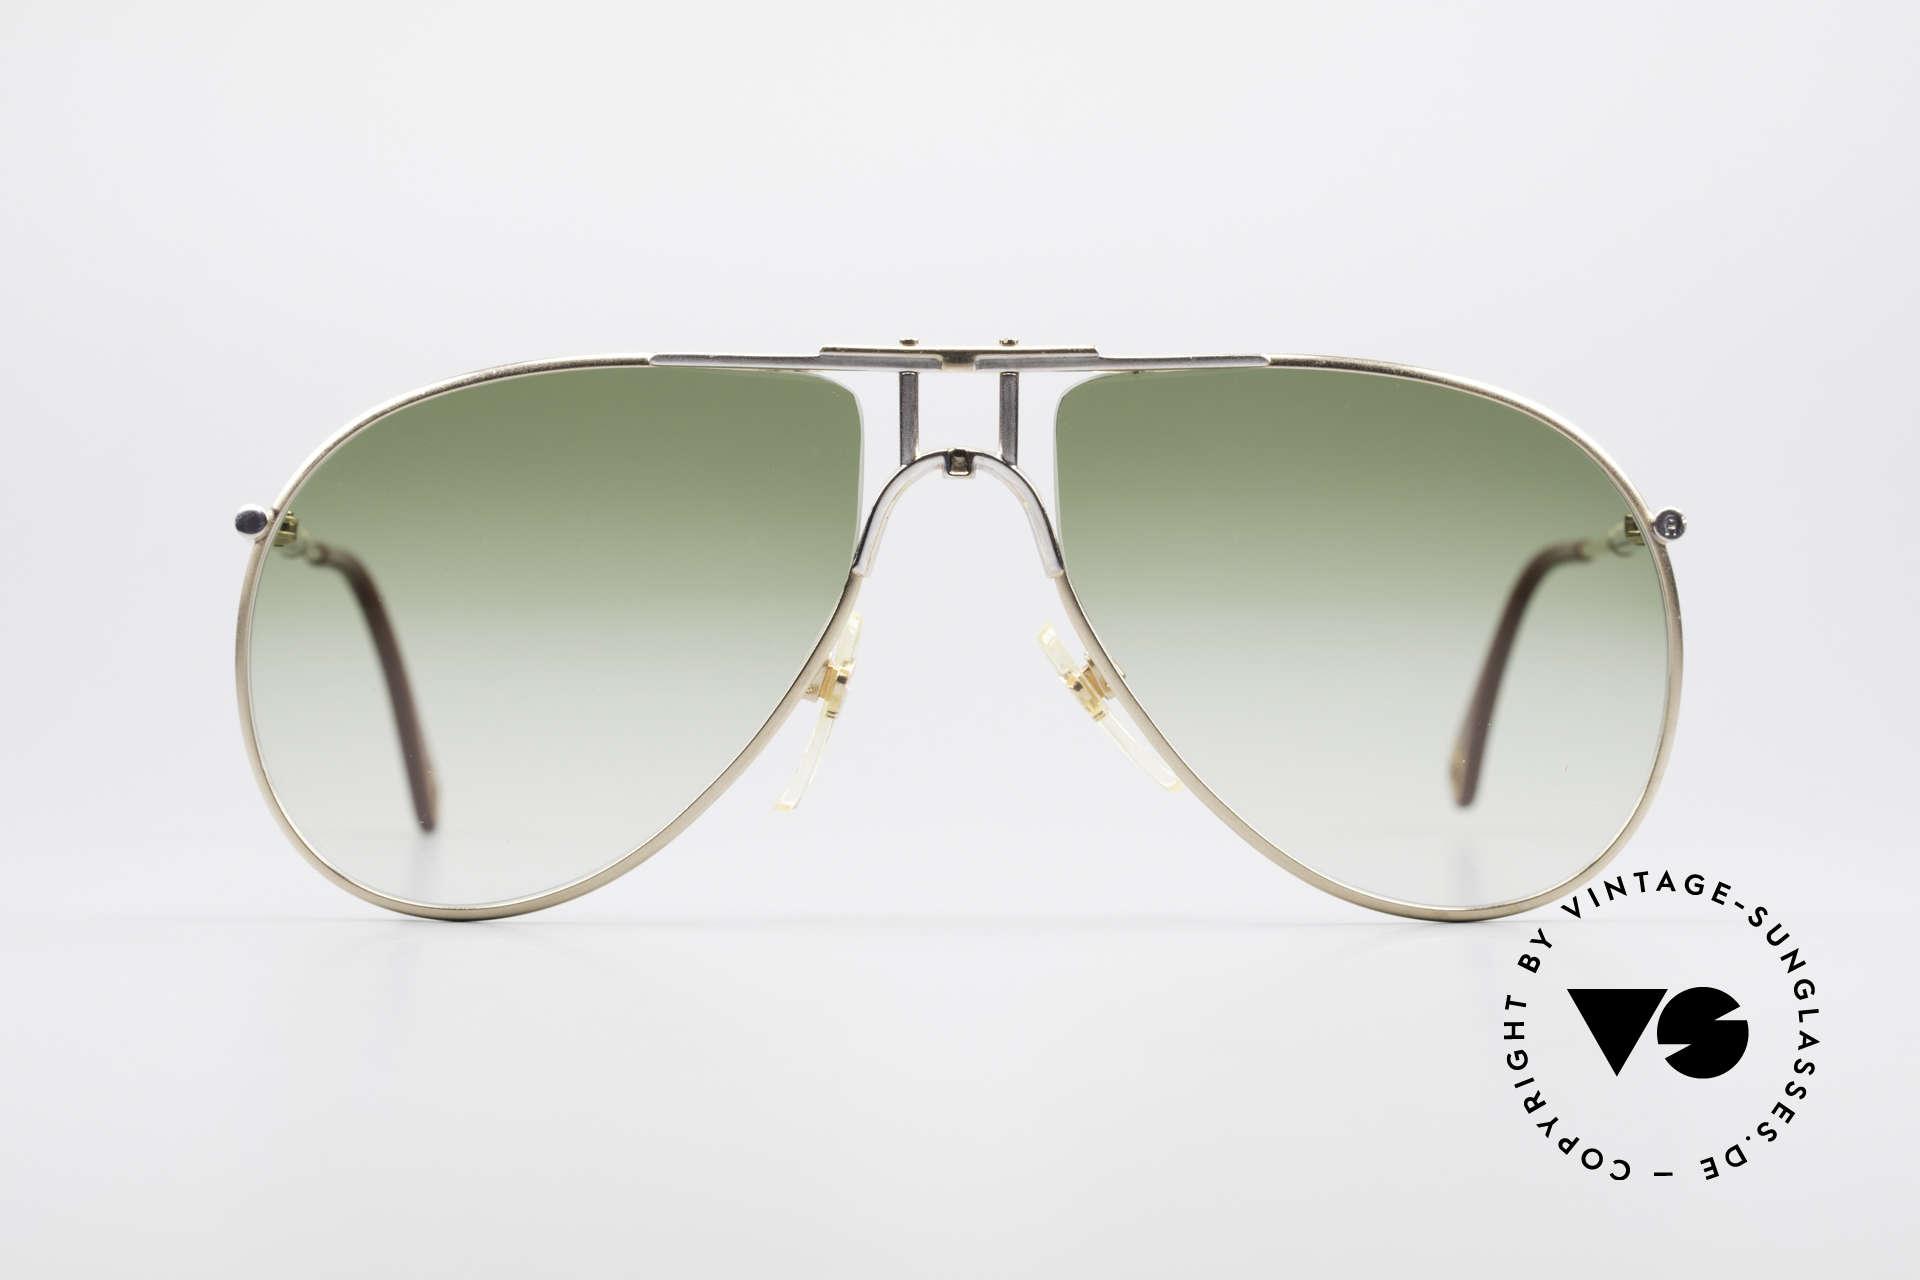 Aigner EA4 80er Luxus Sonnenbrille Herren, nobel modifizierte Pilotenform in elegantem Farbton, Passend für Herren